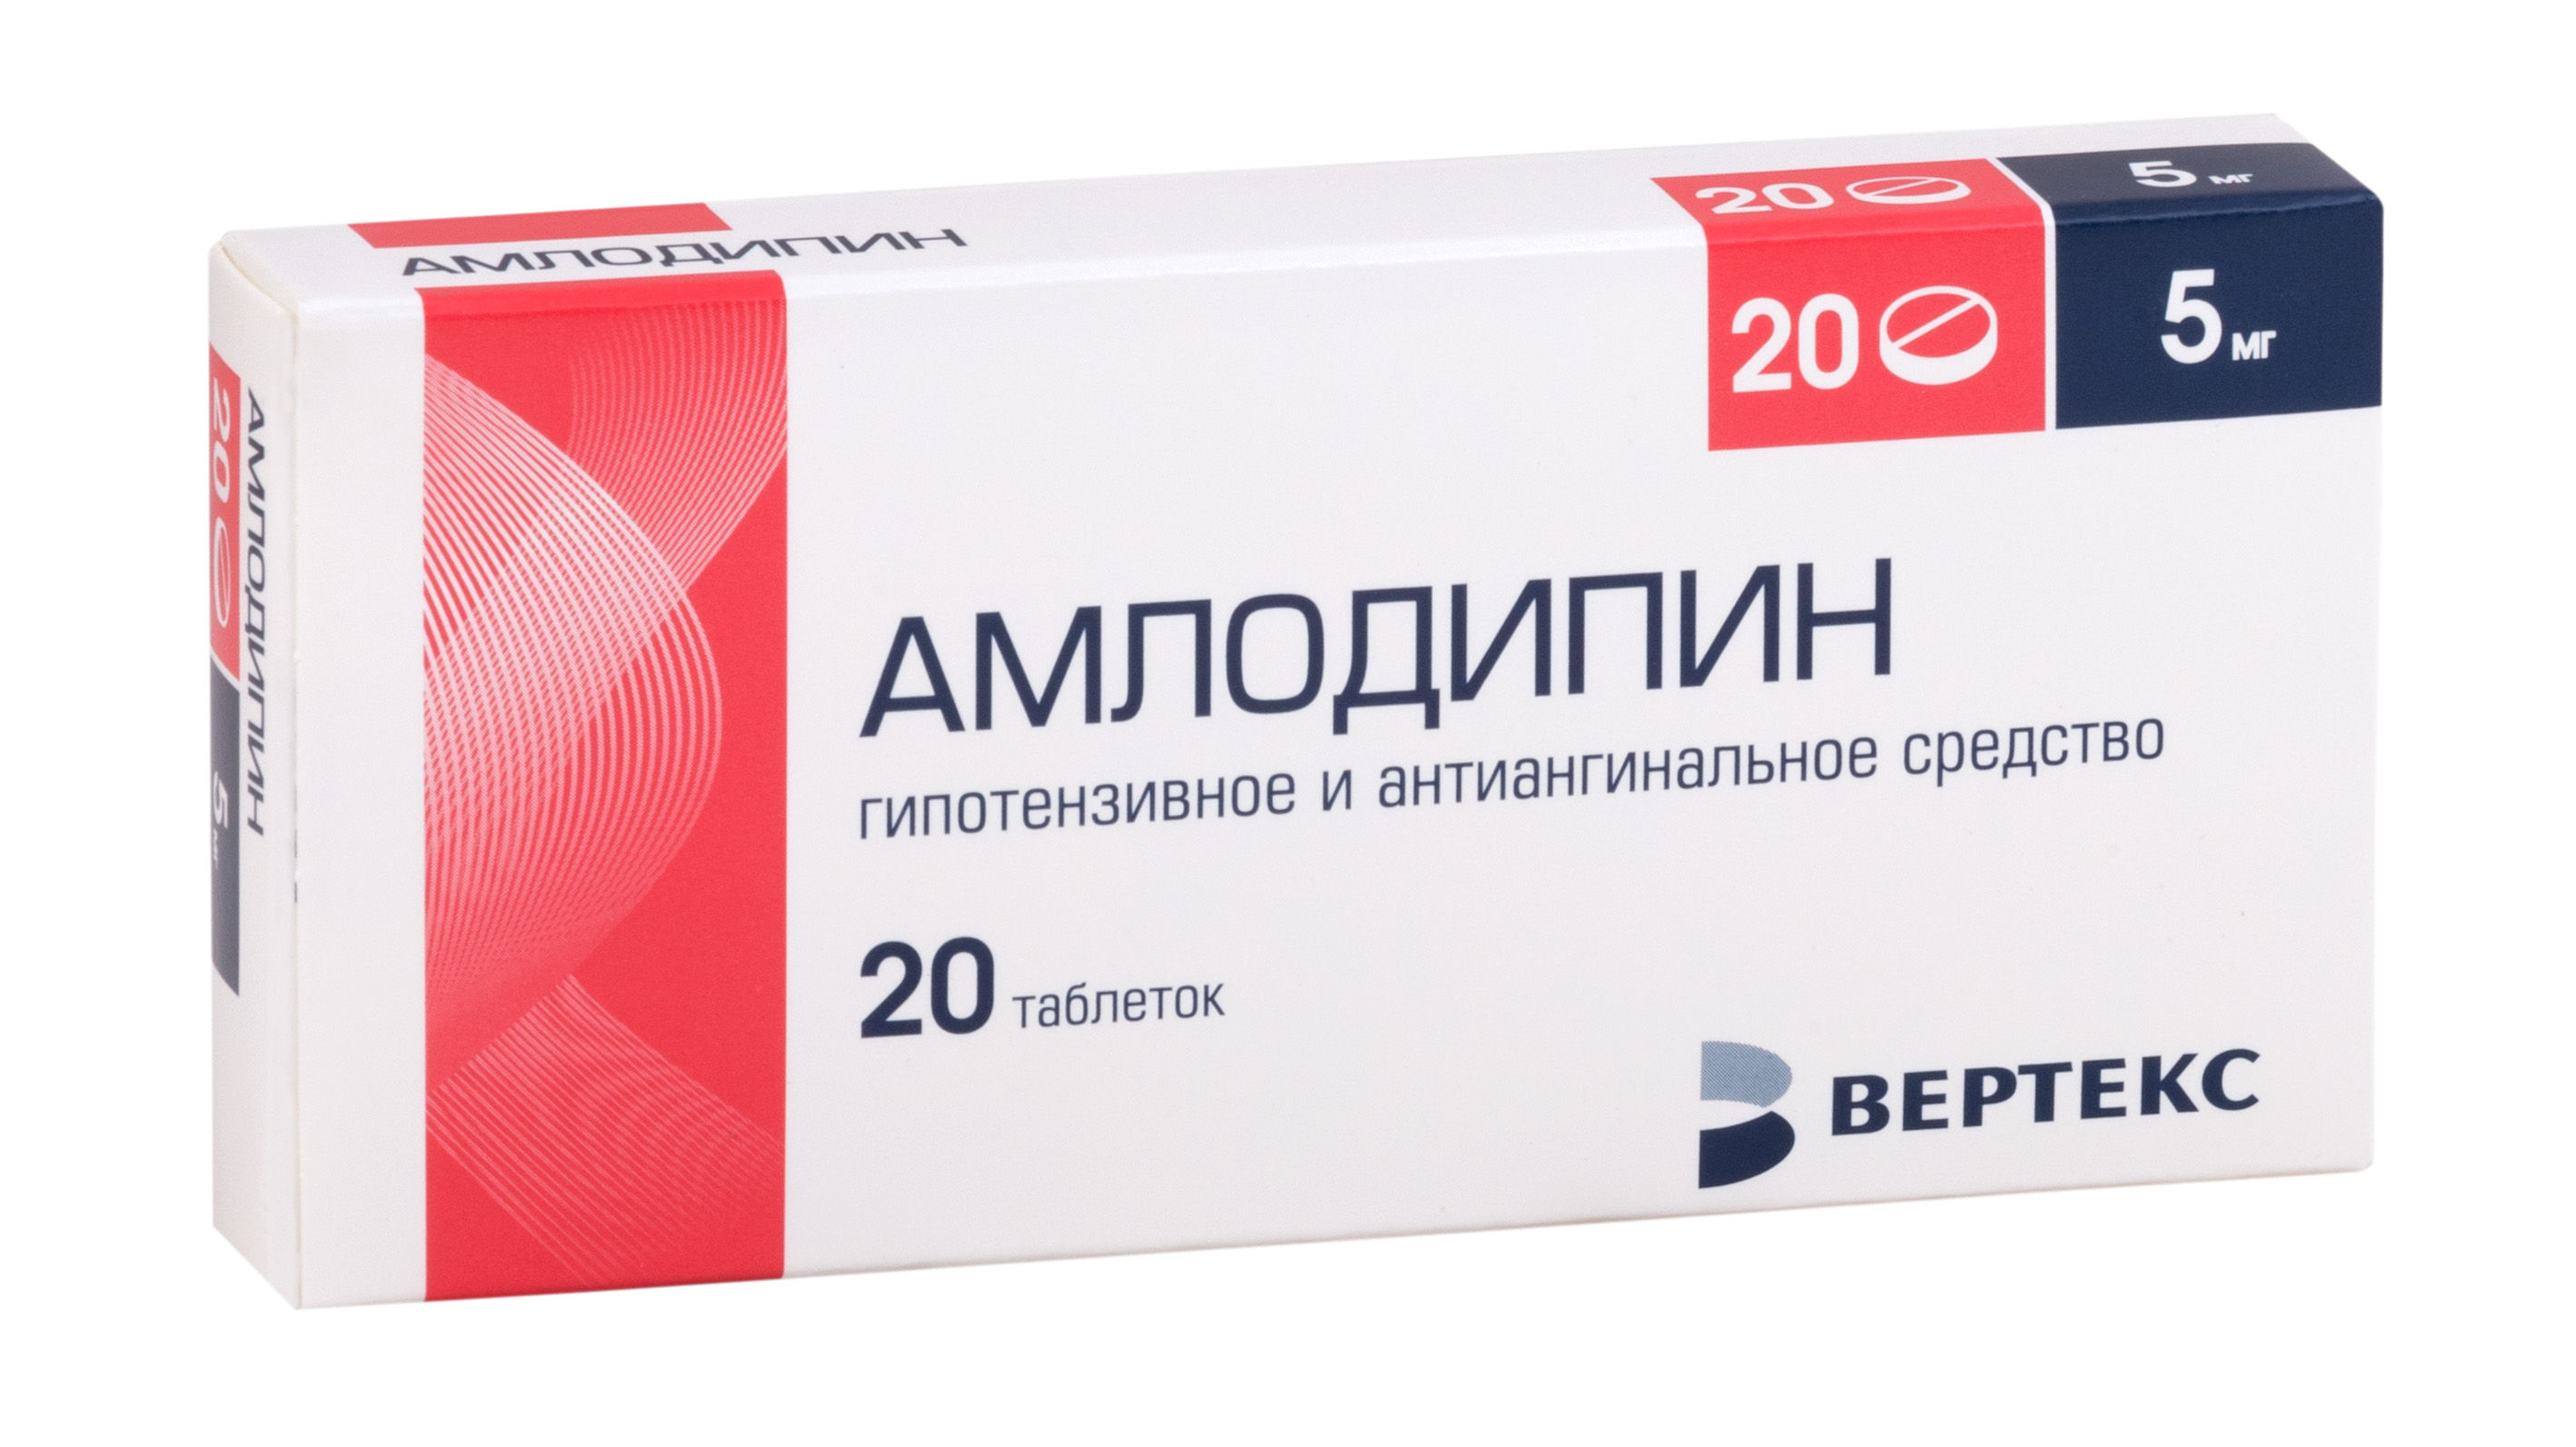 Амлодипин, 5 мг, таблетки, 90 шт., Озон ООО купить в ...